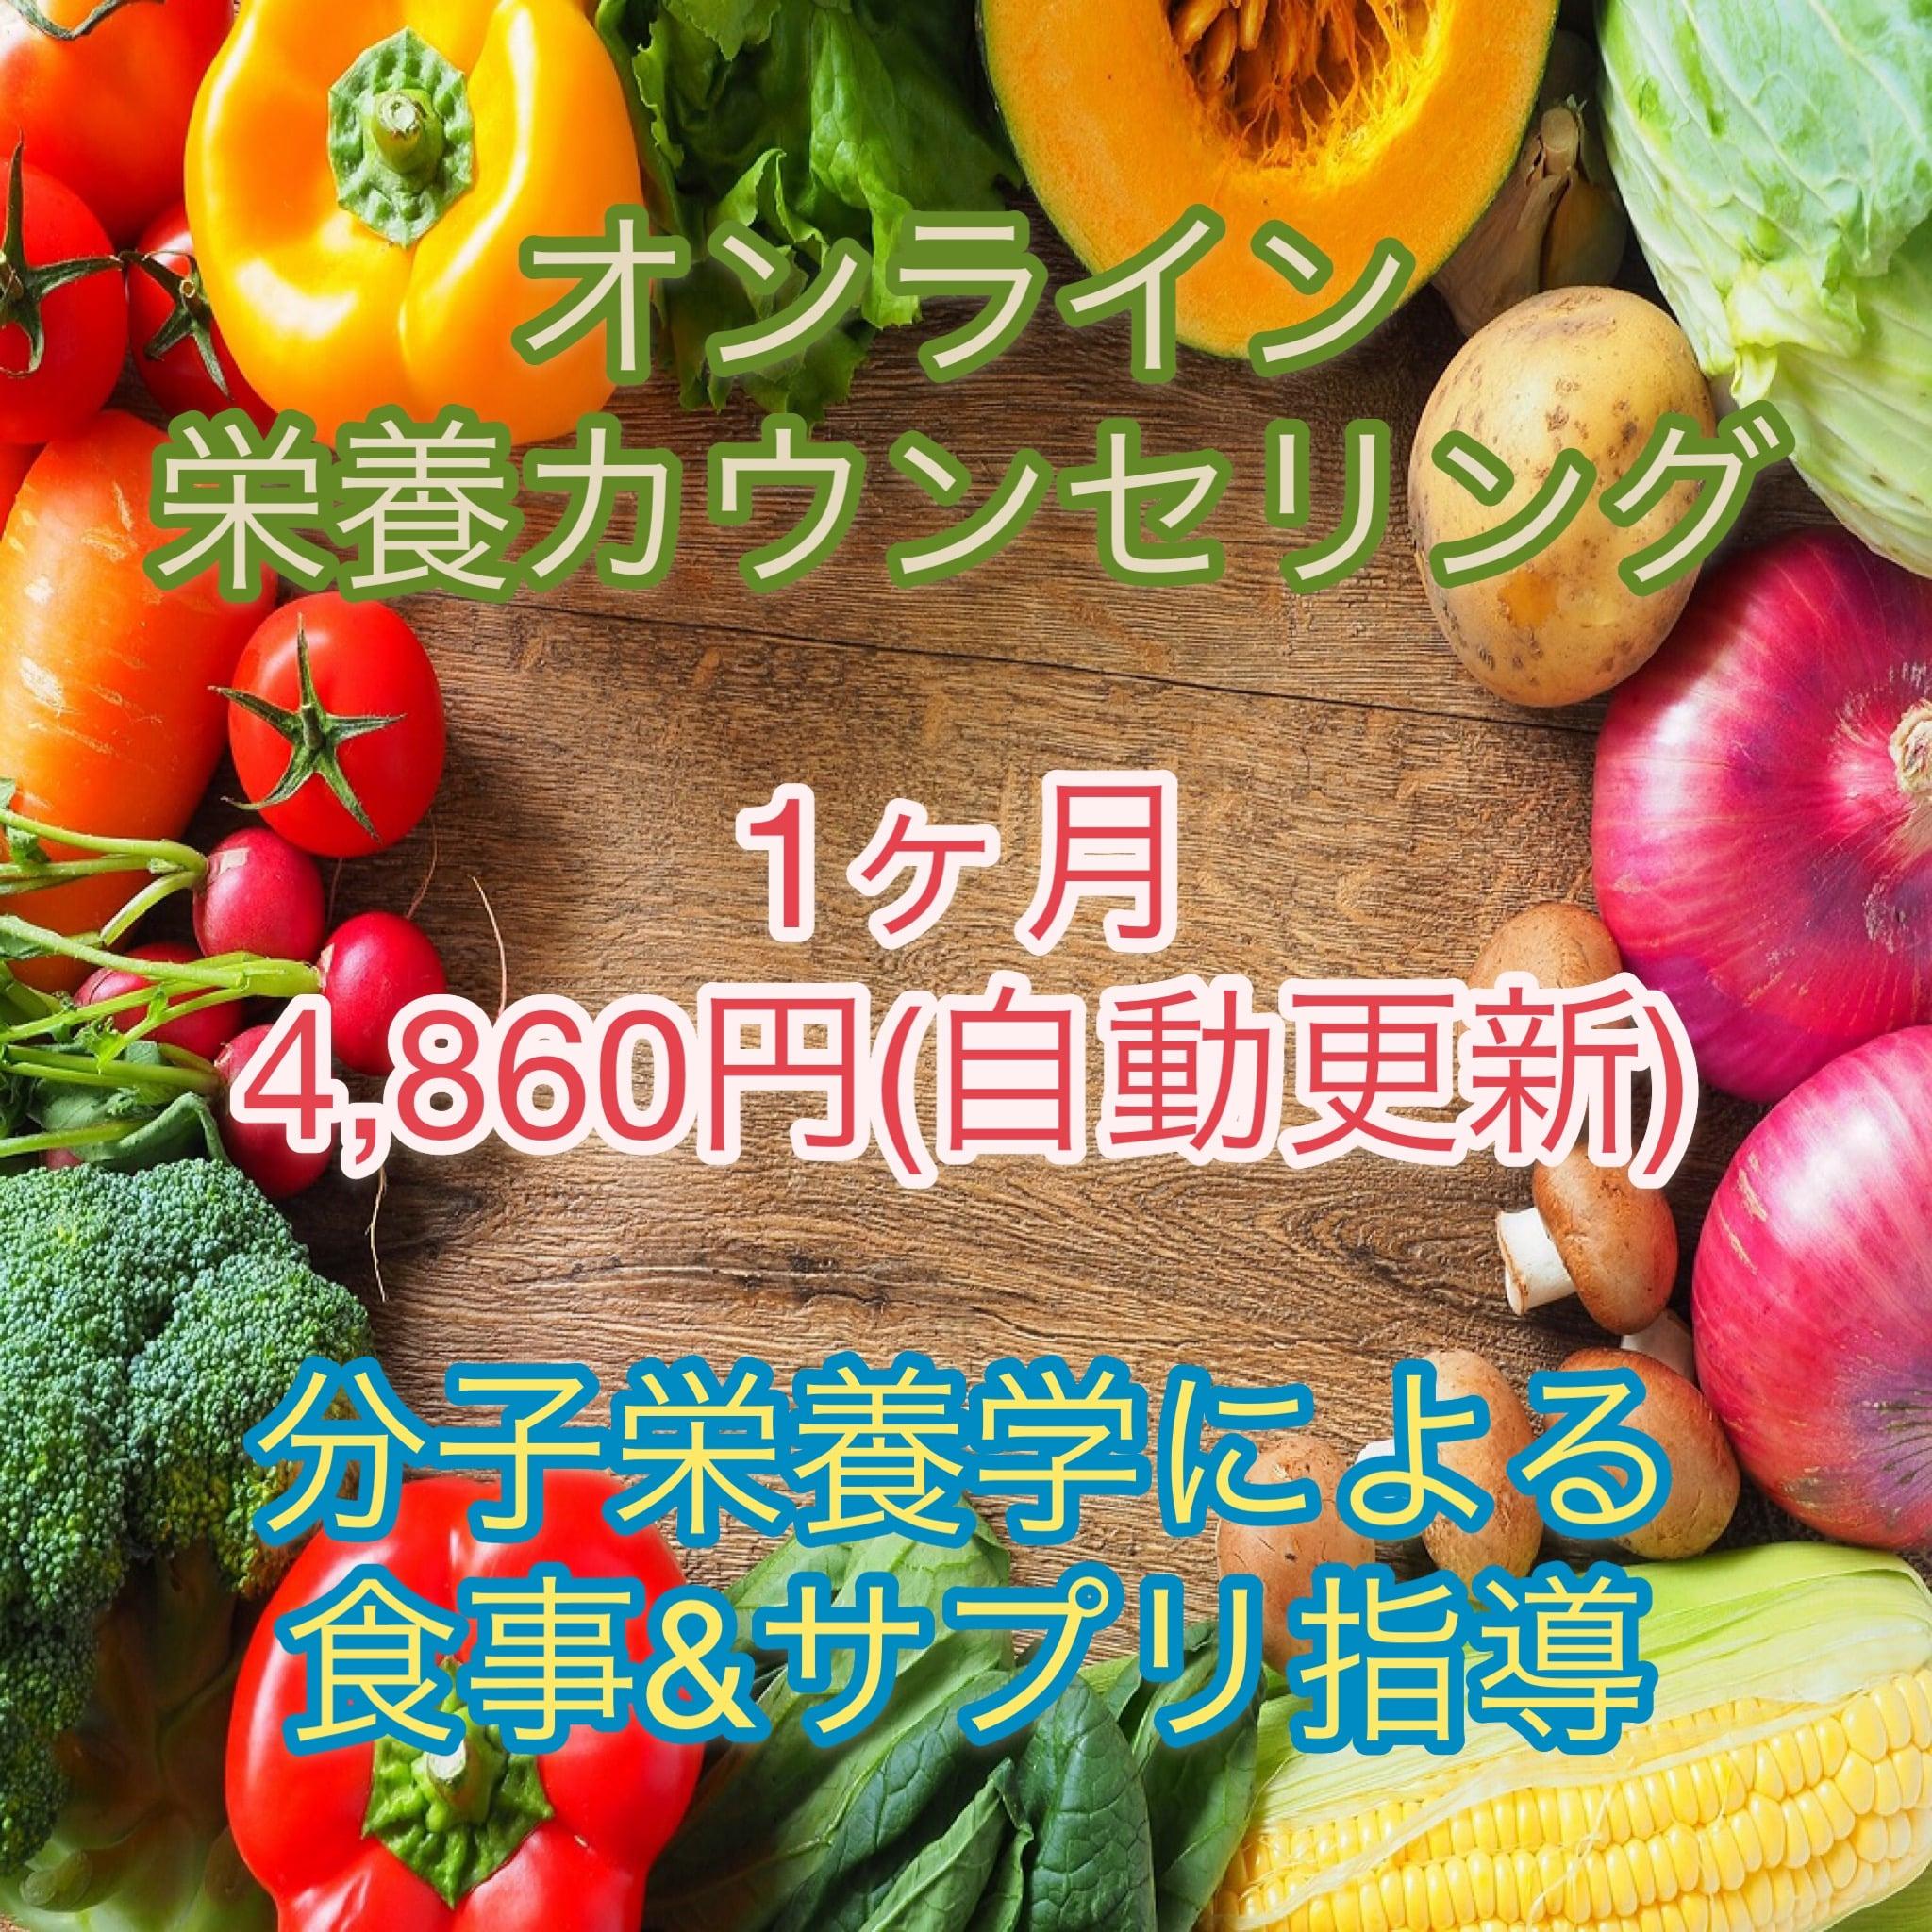 数量限定【高ポイント還元】自動更新制1か月間オンライン栄養カウンセリングチケットのイメージその1